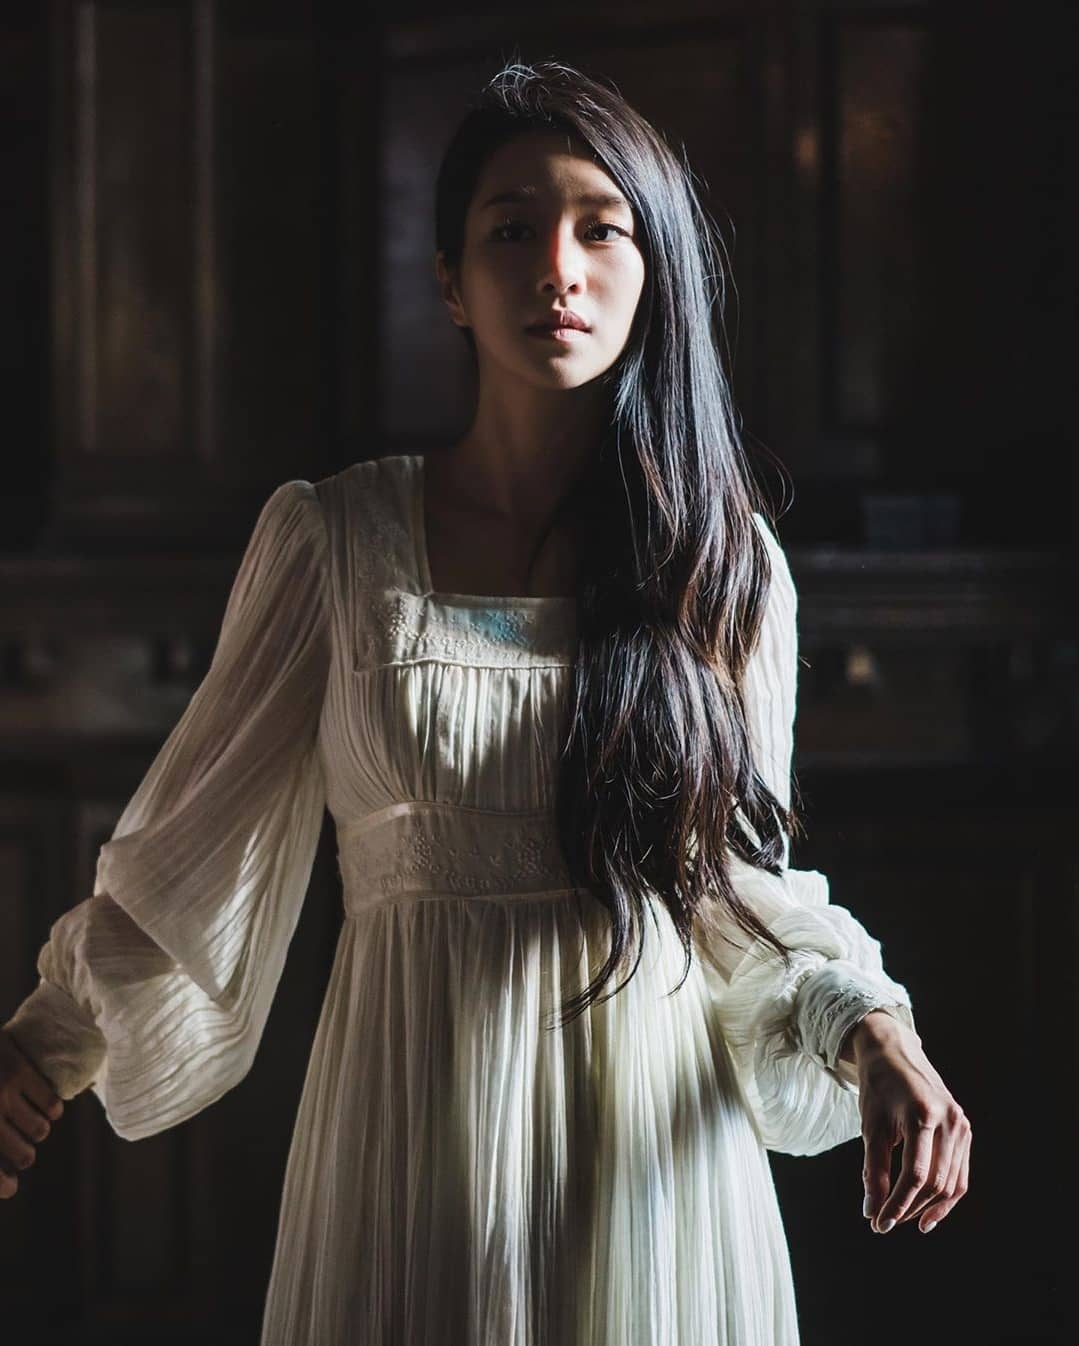 Tuy nhiên, khác với màu sắc u ám của những bộ cánh được Moon Young diện ra phố, ở nhà cô thường trung thành với tông trắng. Điều này cũng là một ẩn ý của đoàn làm phim, cho thấy khi không còn những người xung quanh, nữ chính mới dám lộ rõ tâm hồn mong manh, yếu đuối và cũng rất ngây thơ.